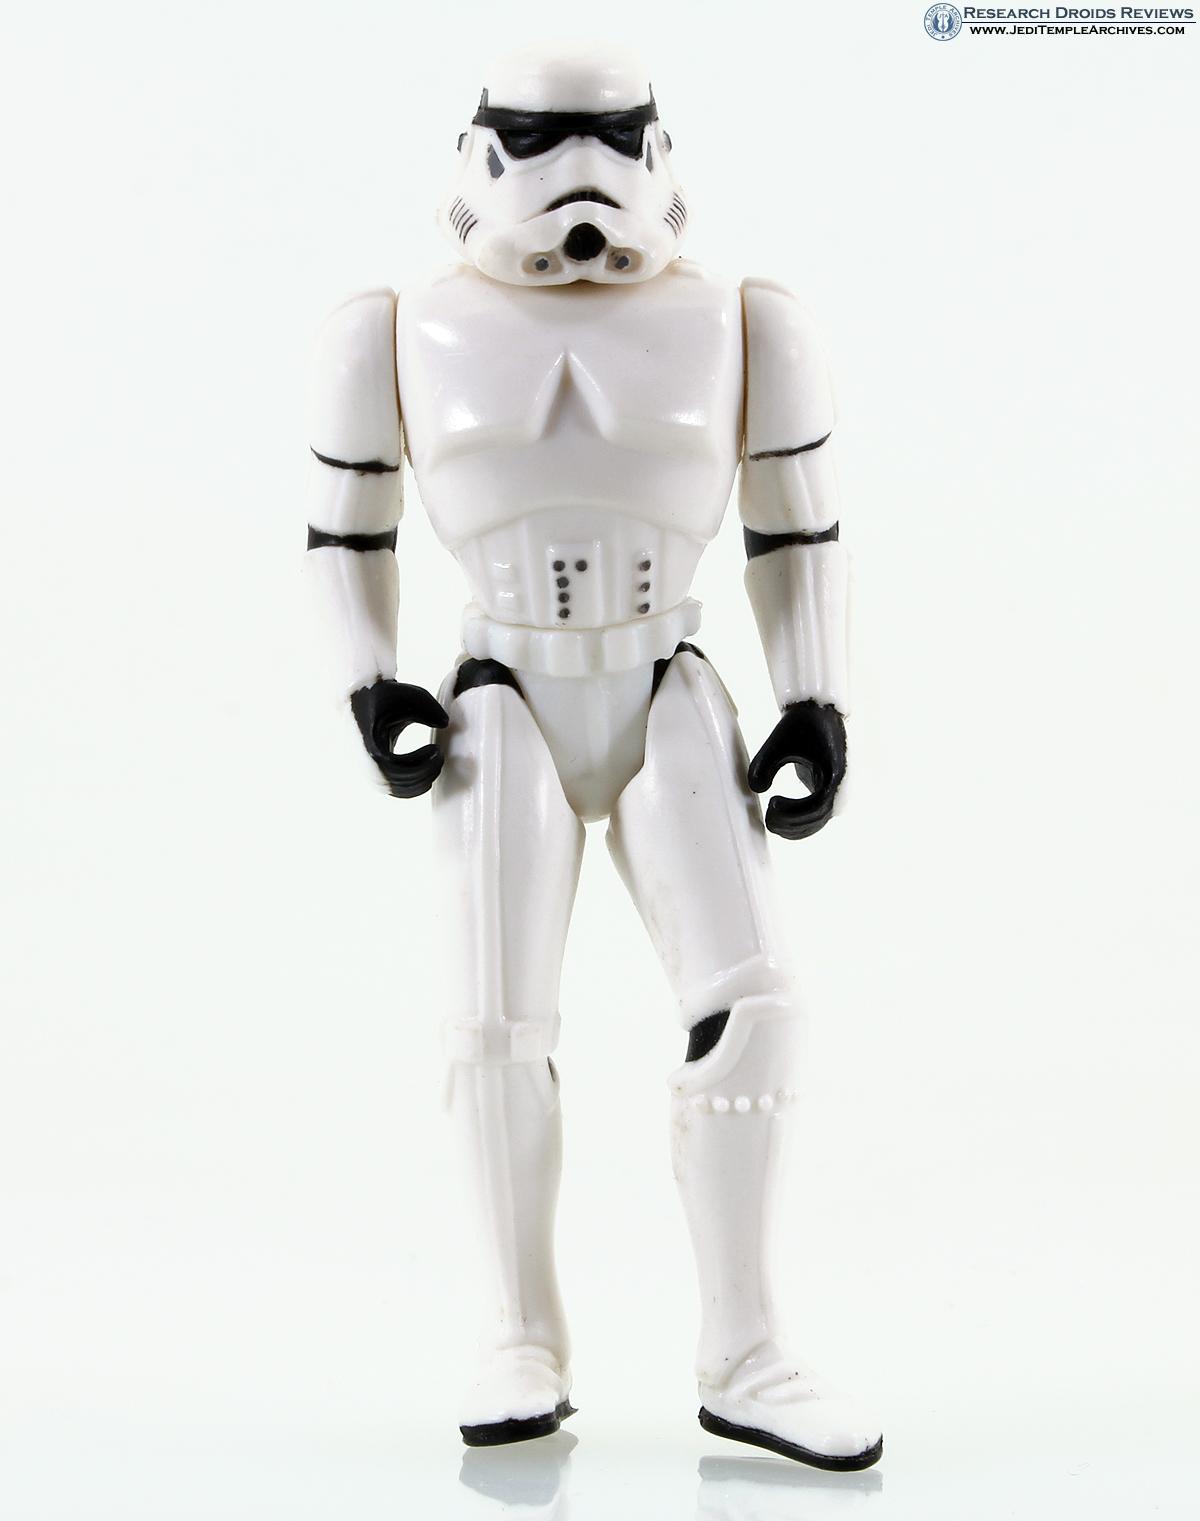 Stormtrooper - Repack